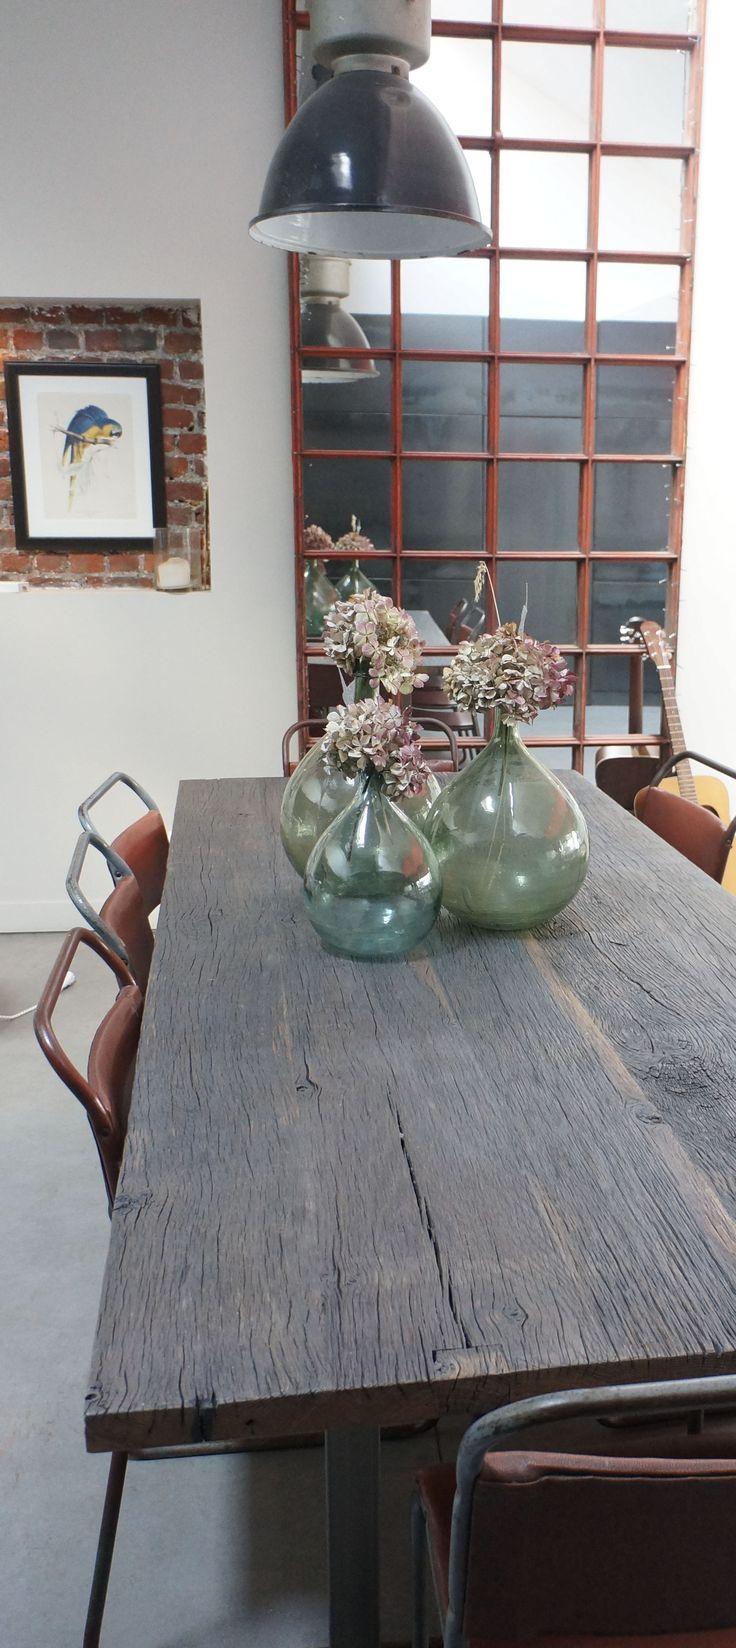 #studiofanchon #loft #lille #tablechene #damejeanne #lampeatelier #miroir #industriel #vintage